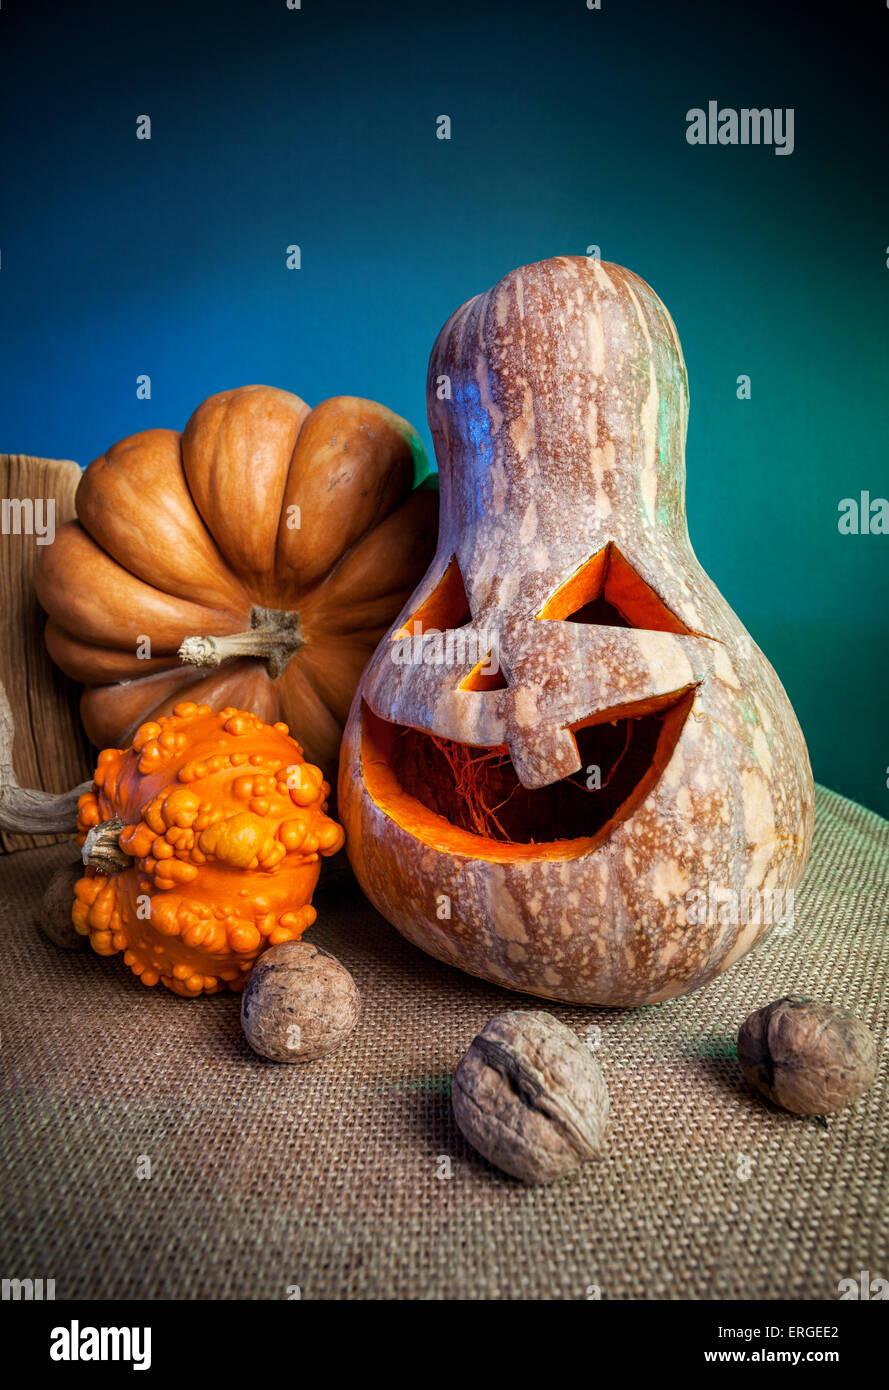 Scolpite di zucca e noci sul tavolo durante la festa di Halloween Immagini Stock